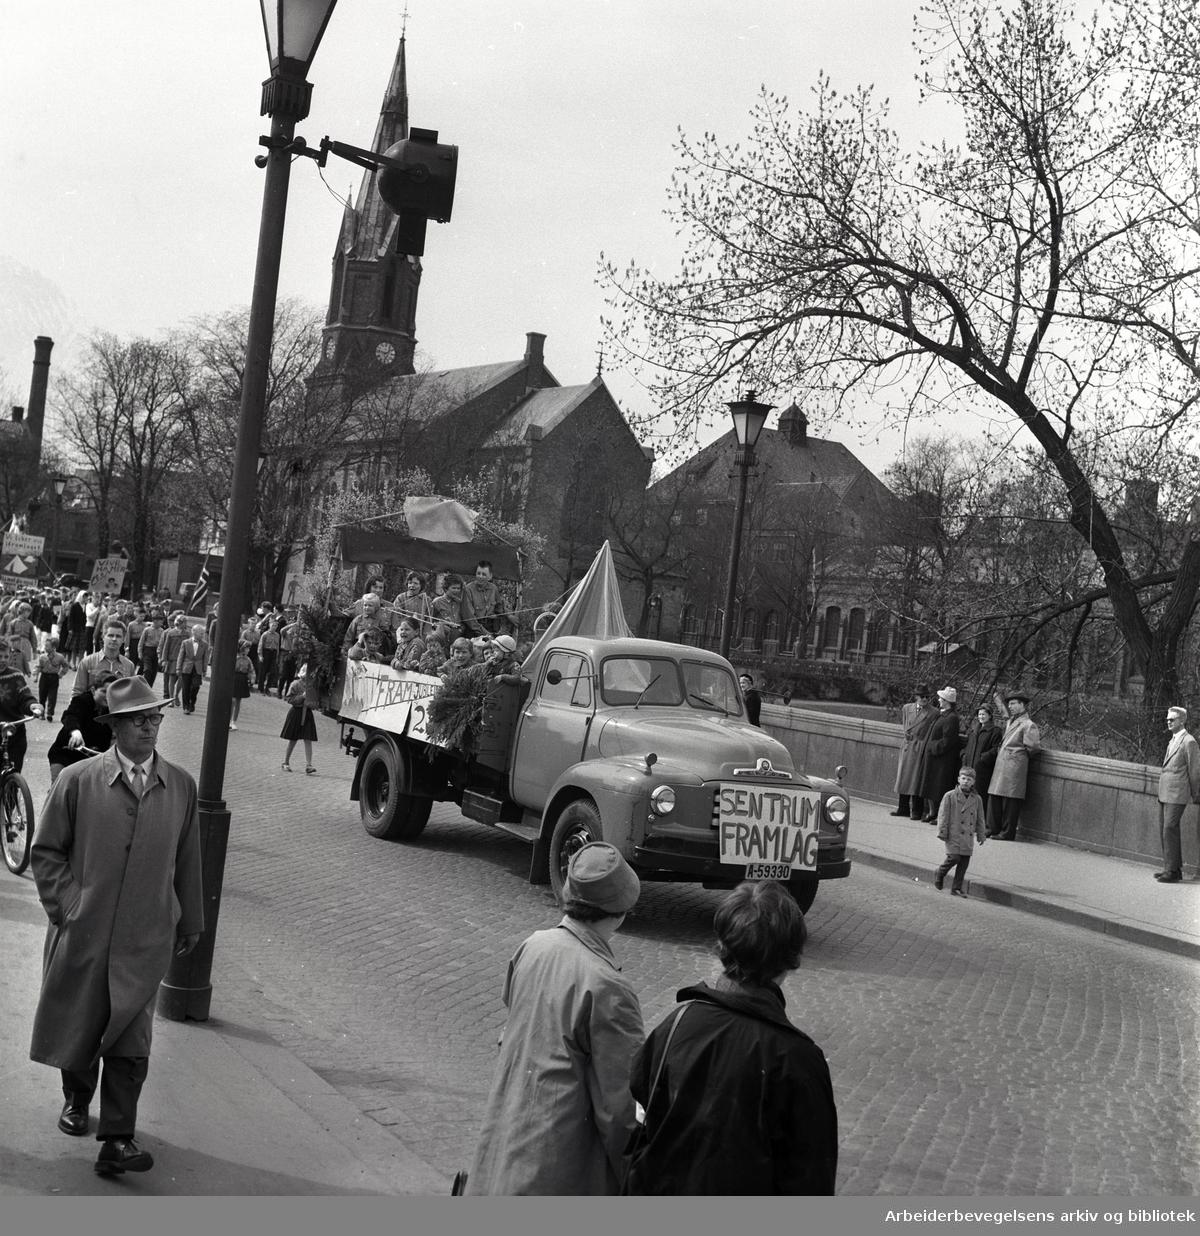 1. mai 1959 i Oslo.Framfylkingens tog over Ankerbrua..Sentrum framlag.Framfylkingen 25 år...